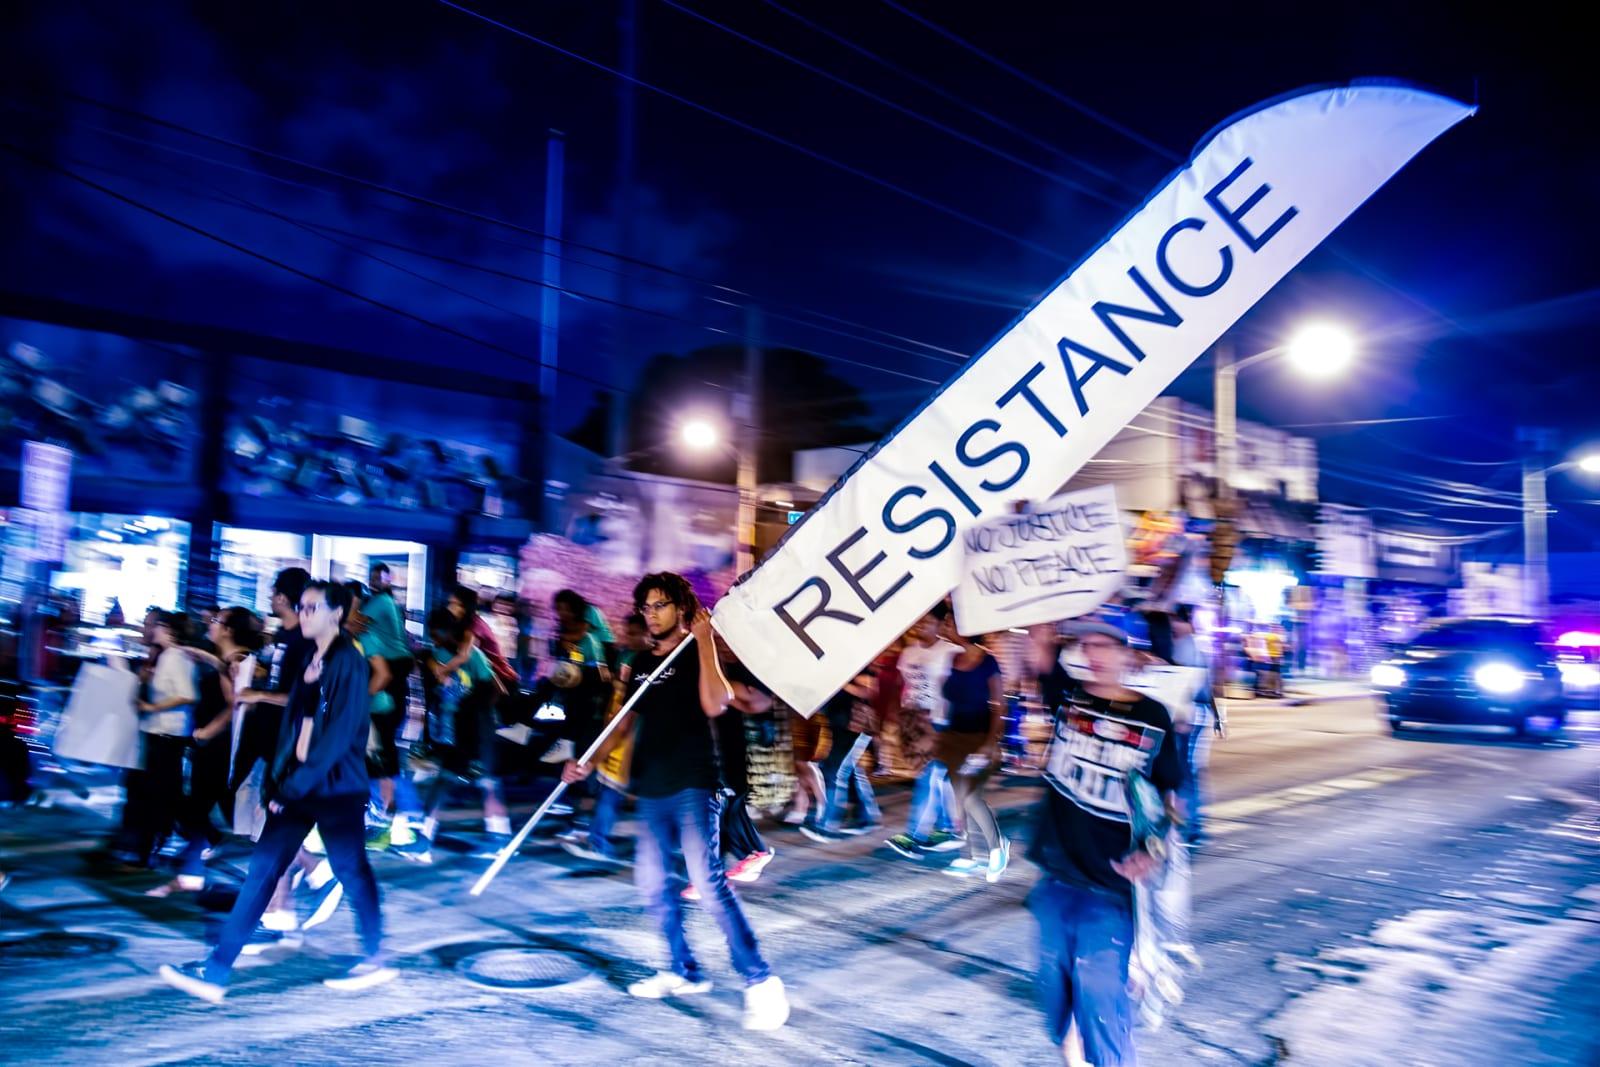 Cendino Temé, Resistance, 2013